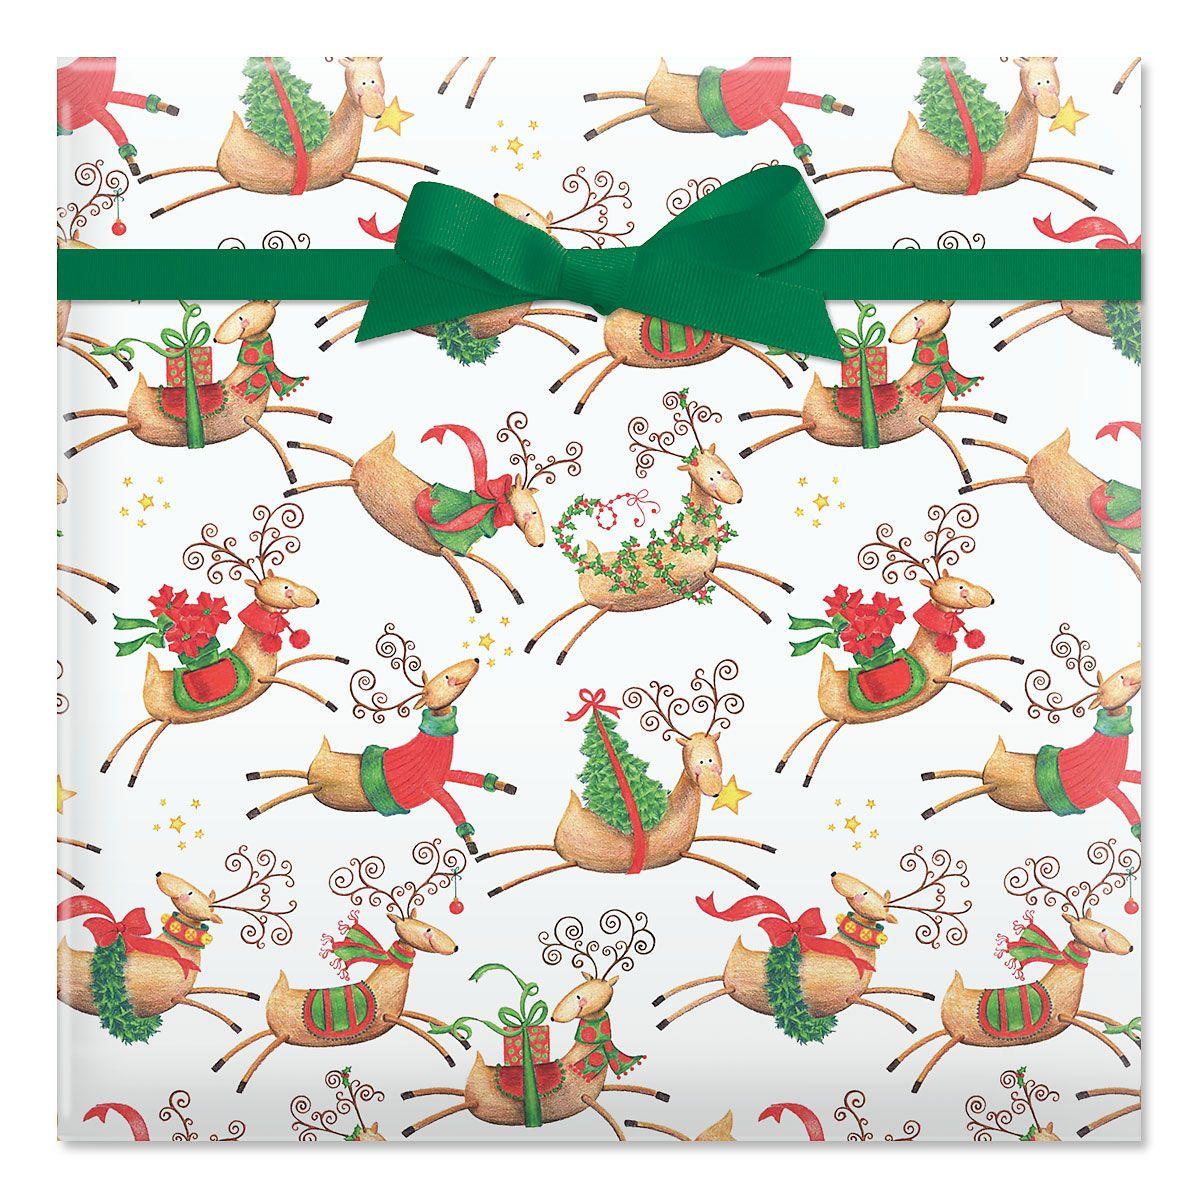 Tiny Reindeer Jumbo Rolled Gift Wrap